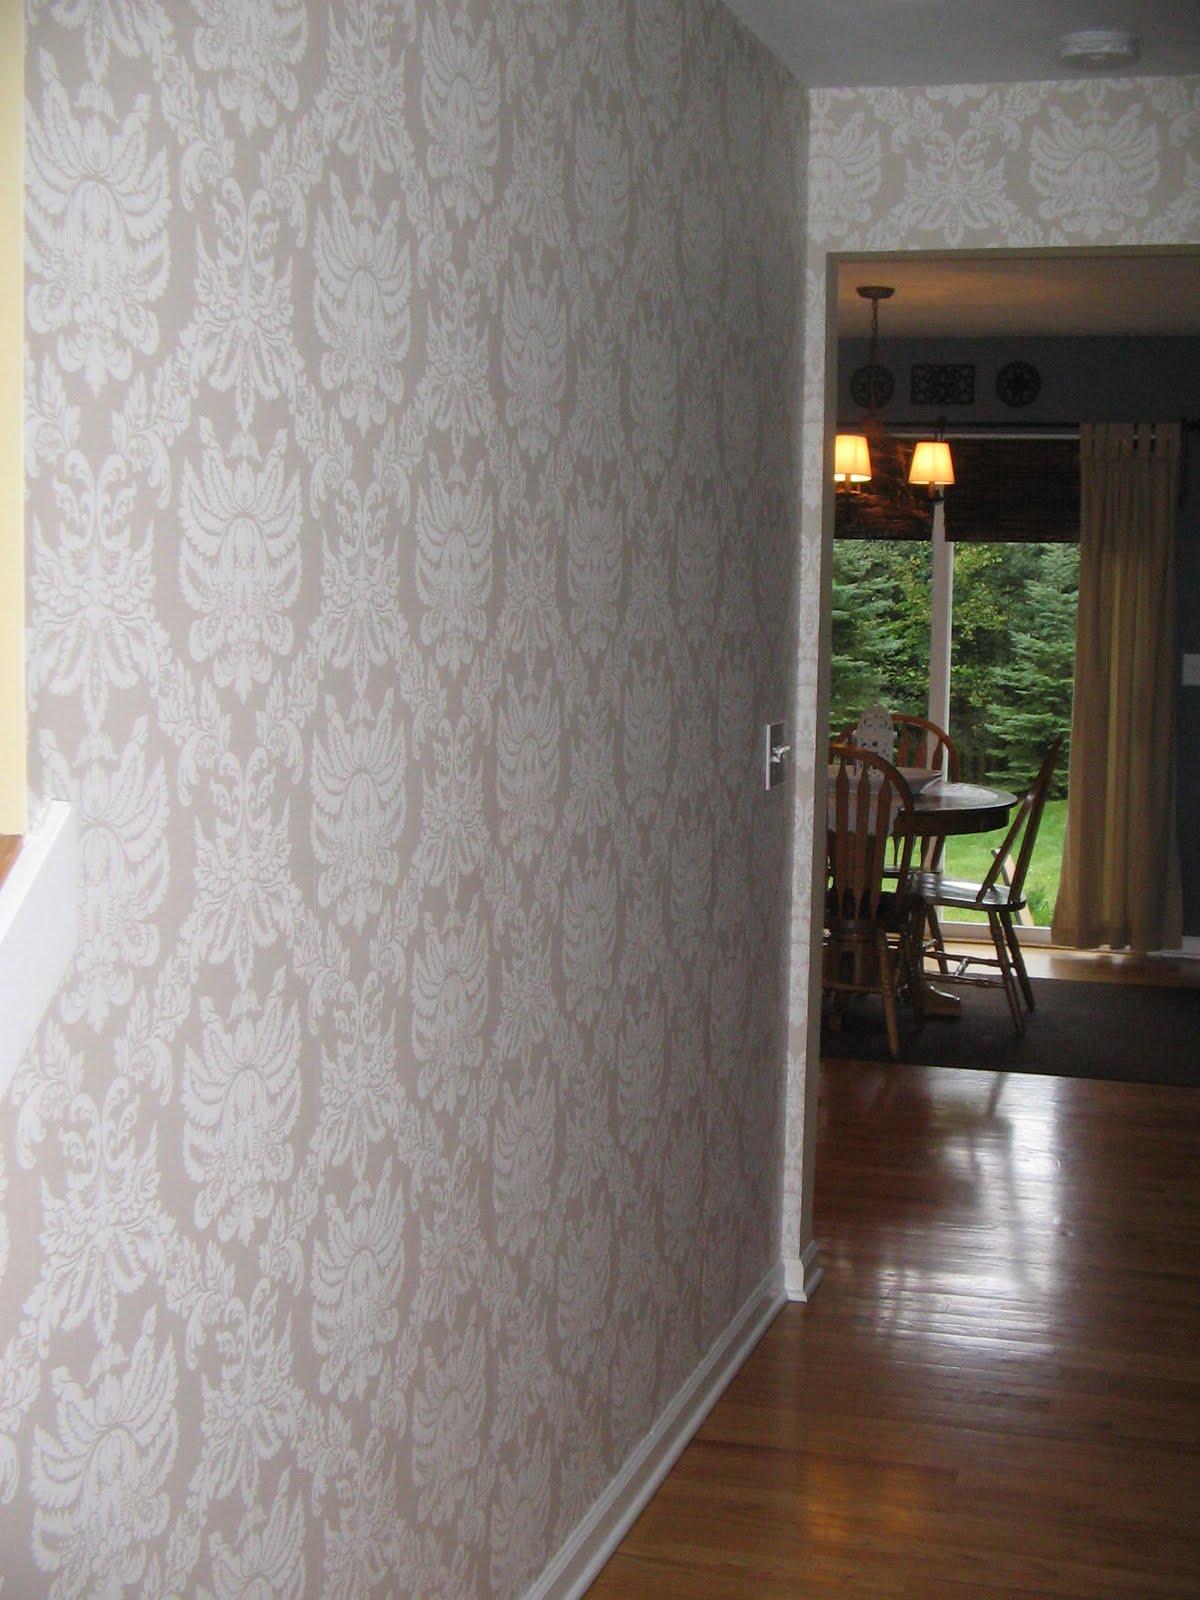 Wallpaper for foyer area wallpapersafari for Foyer wallpaper ideas